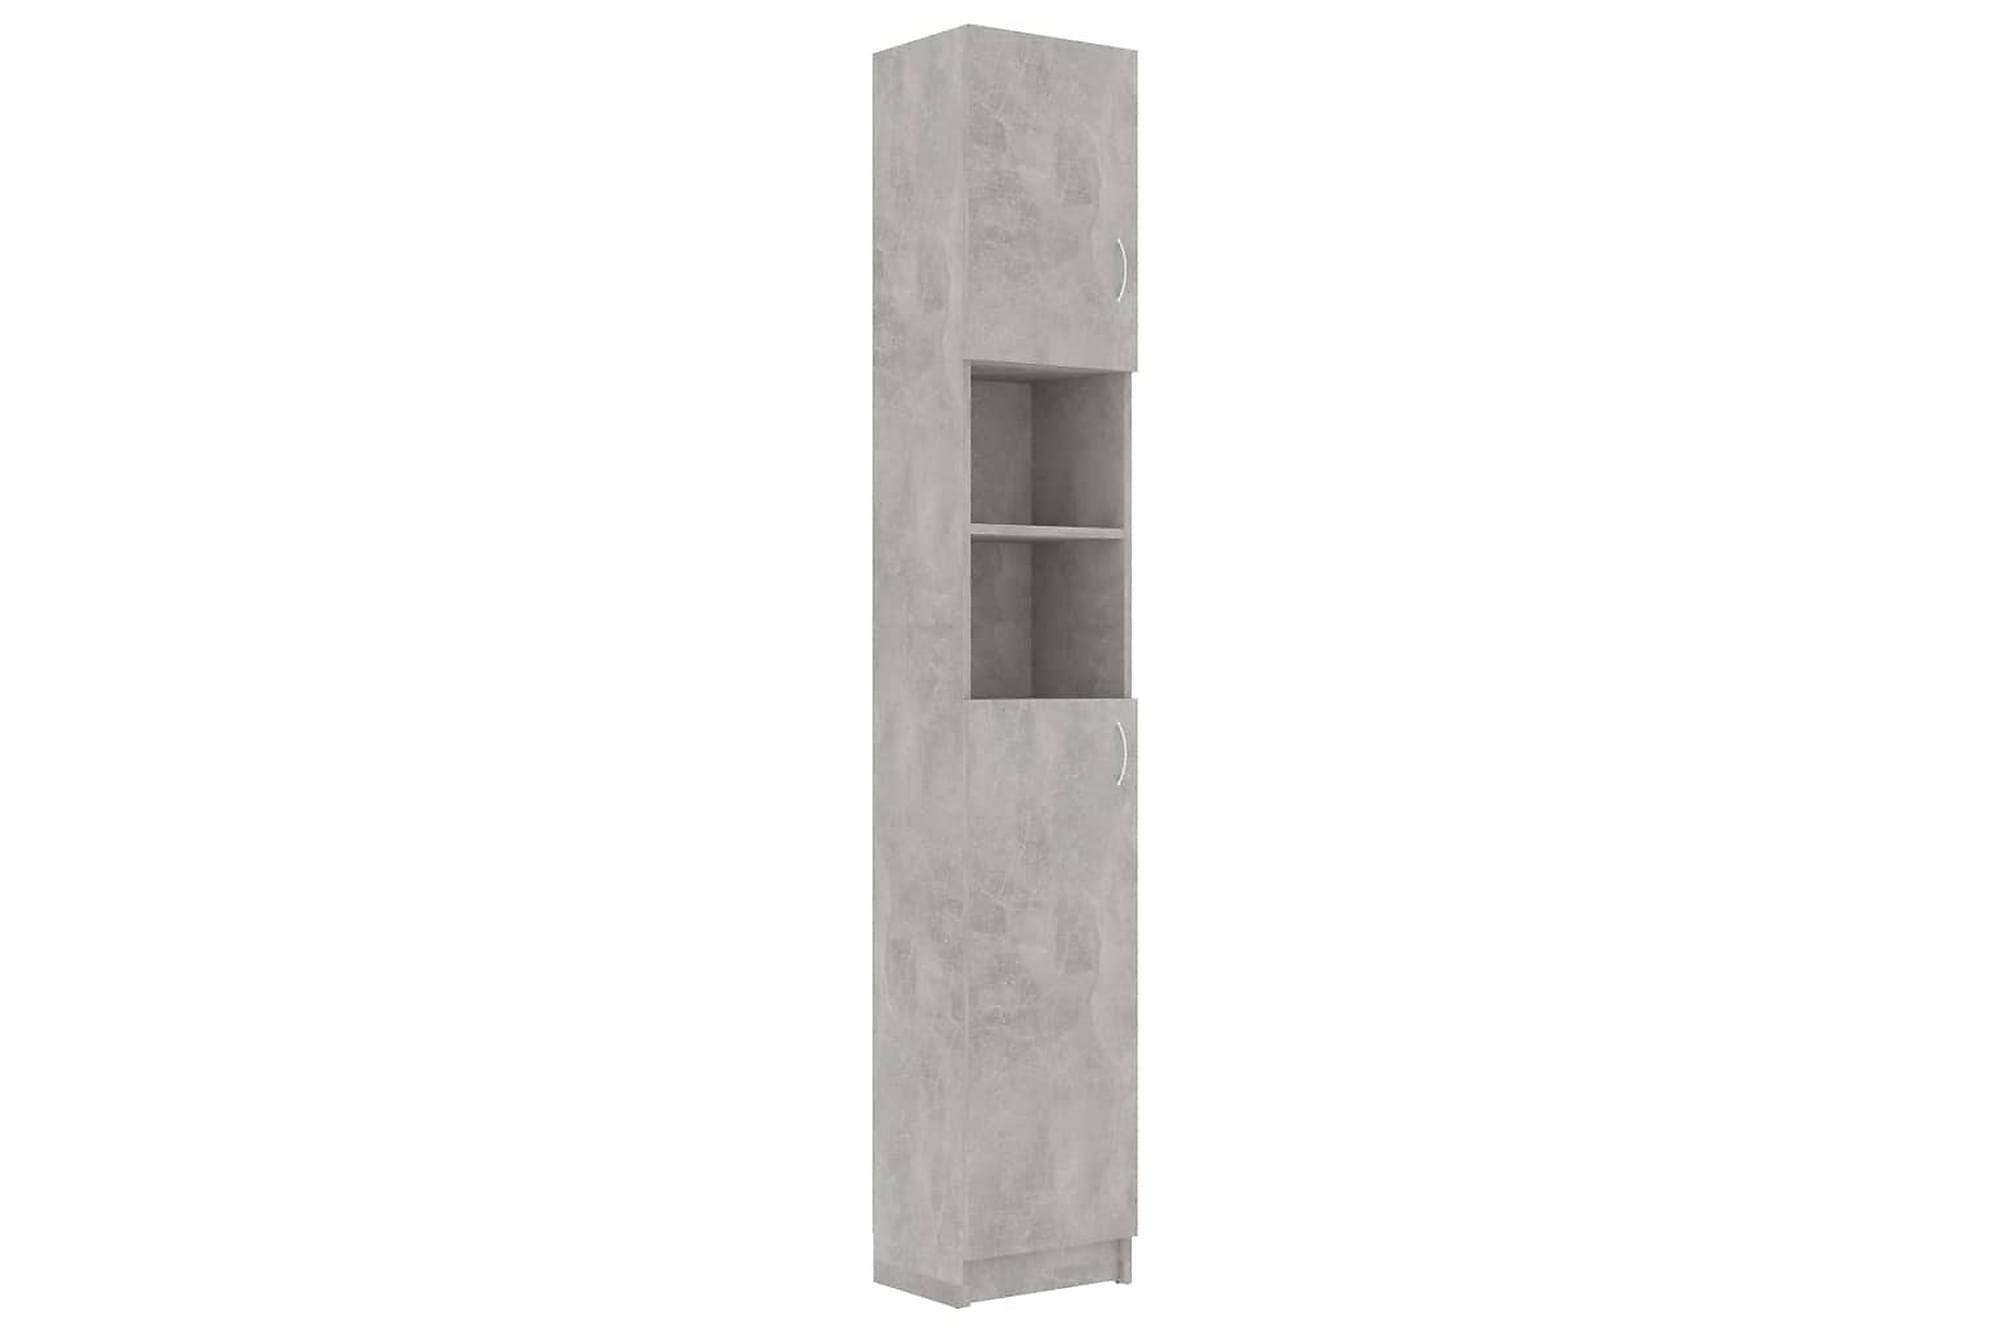 Badrumsskåp betonggrå 32x25,5x190 cm spånskiva, Förvaring